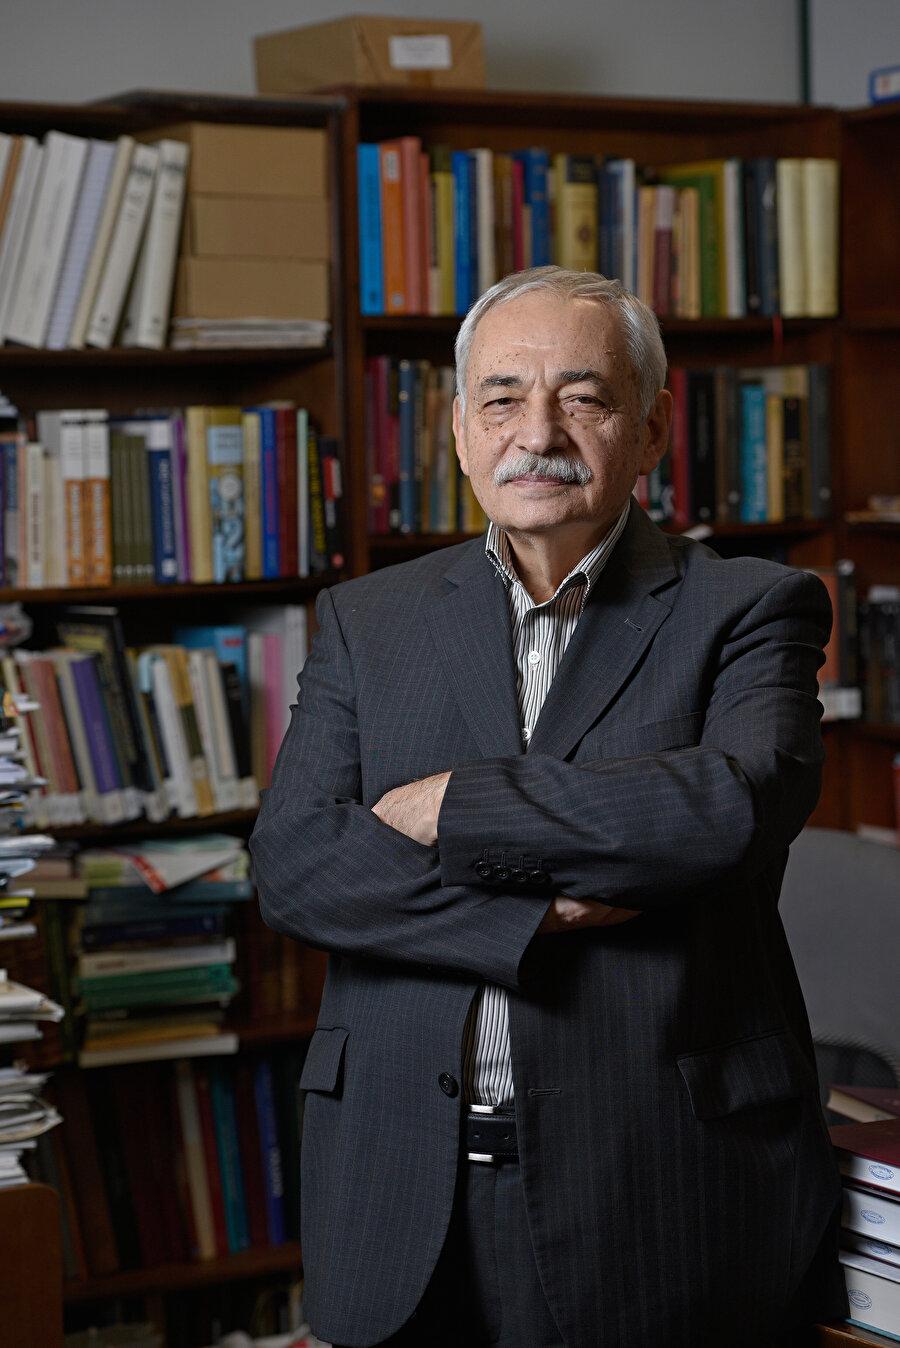 İsmail E. Erünsal (Fotoğraf: Sedat Özkömeç)